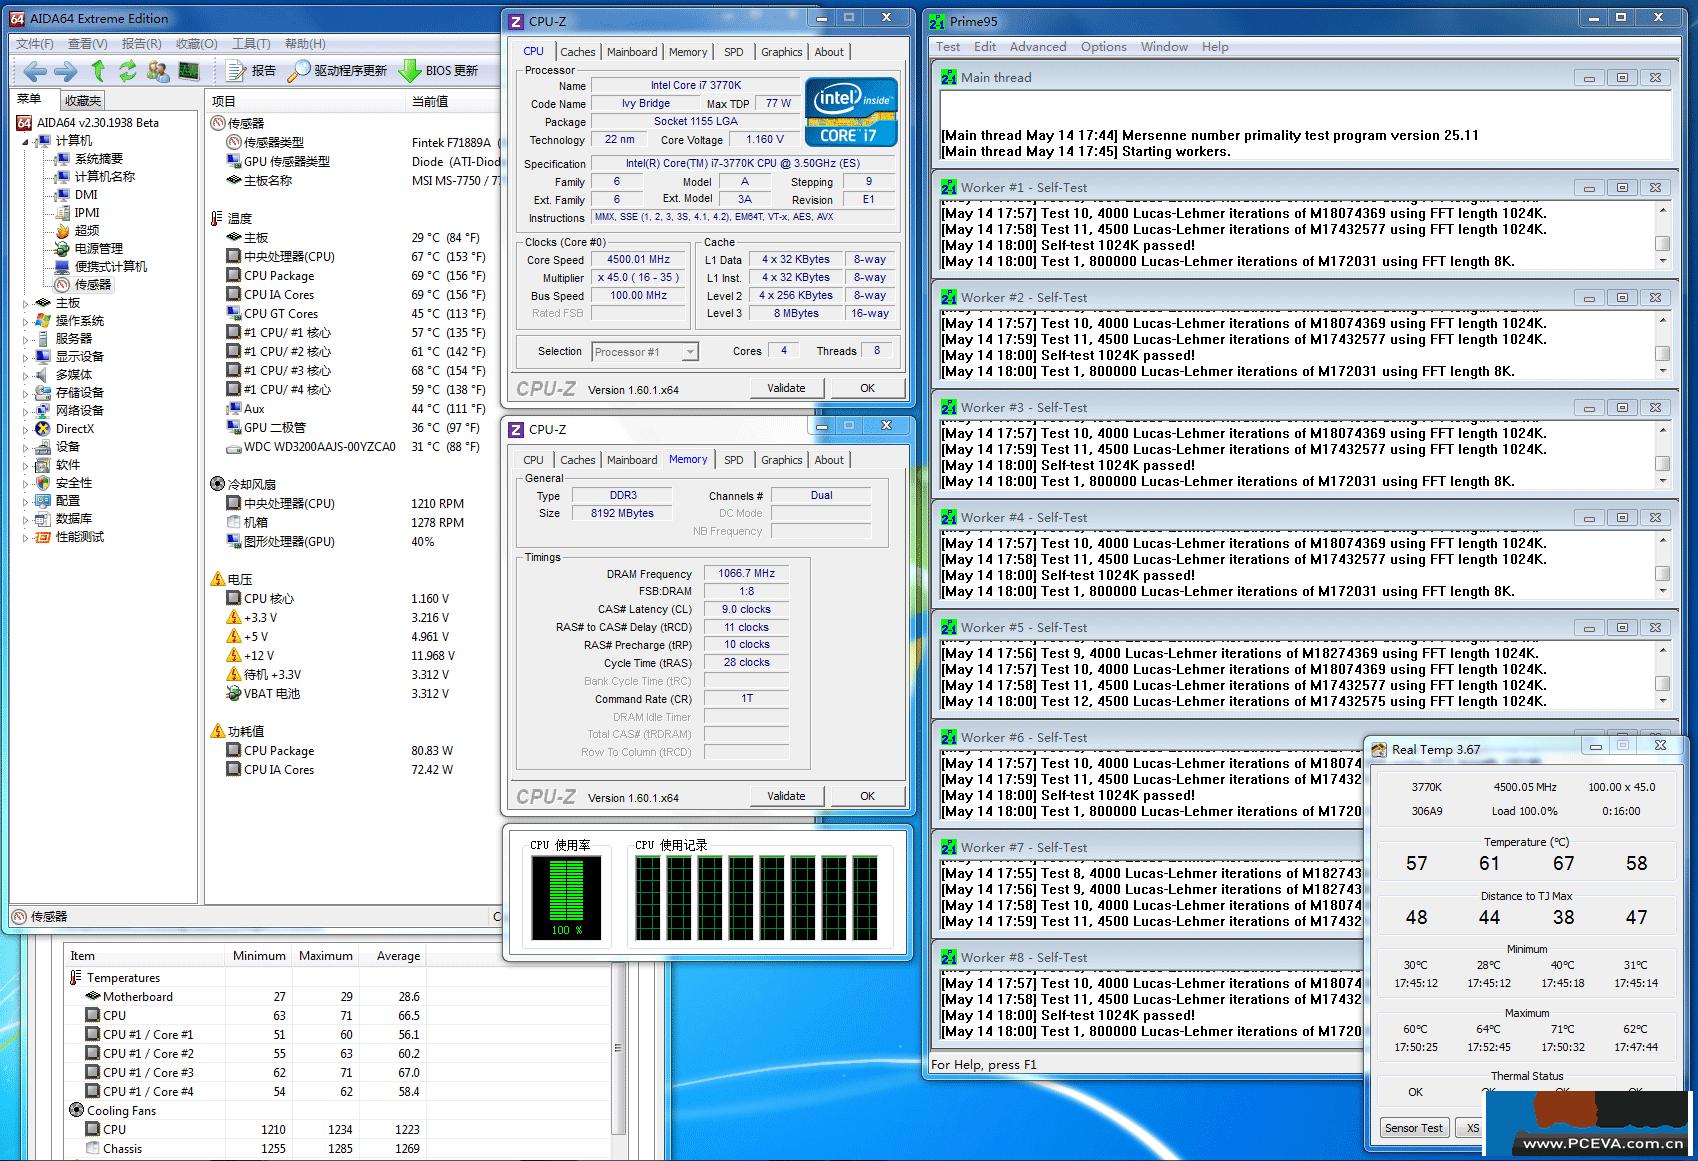 Msi r6570